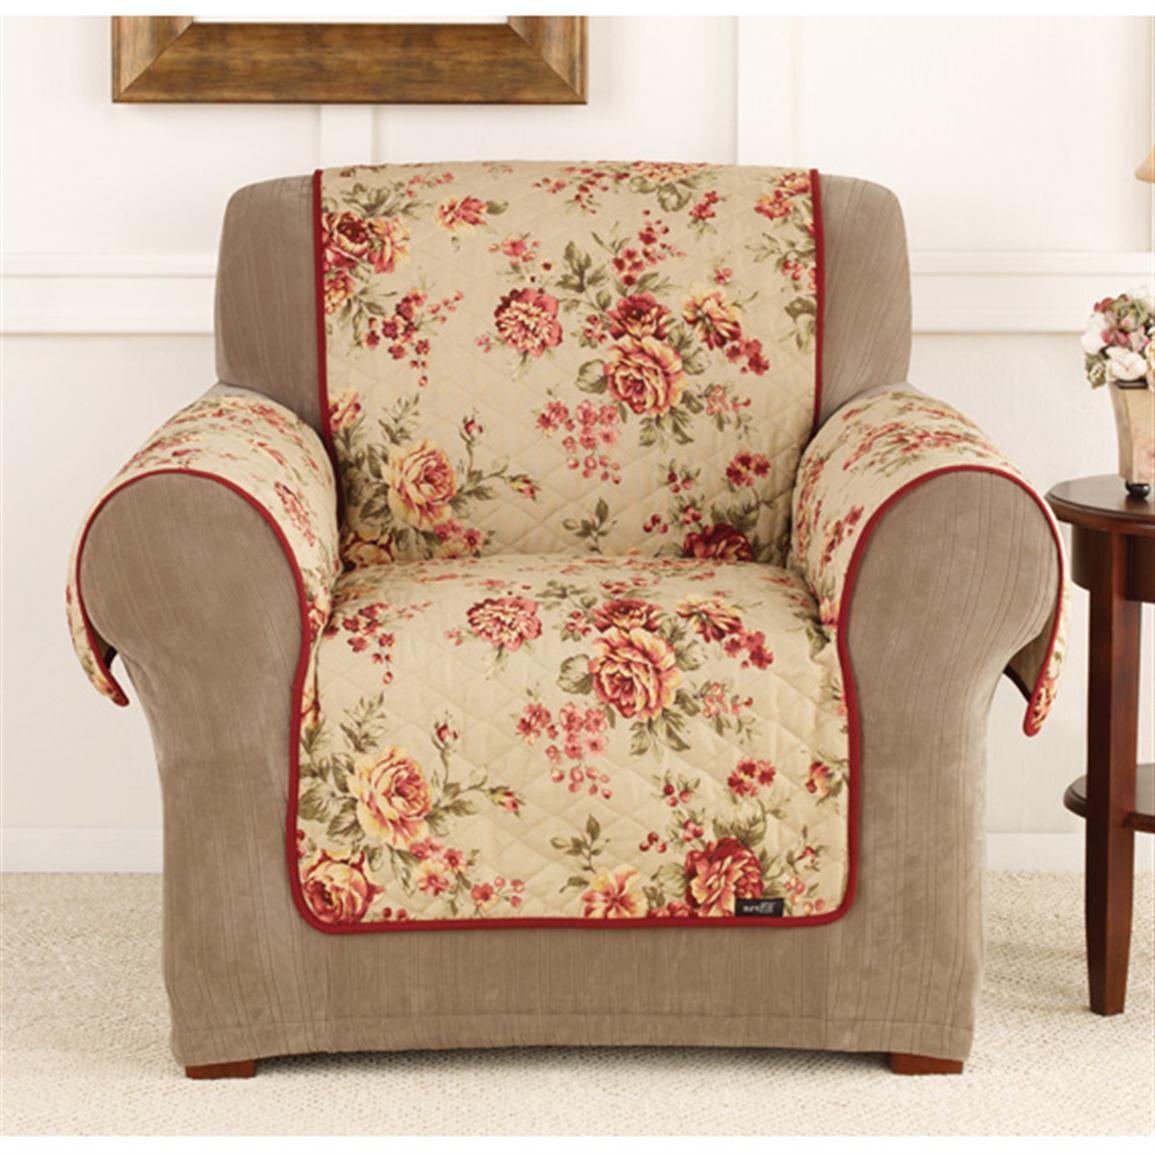 Best ideas about Surefit Chair Cover . Save or Pin Sure Fit Lexington Floral Chair Pet Cover Now.